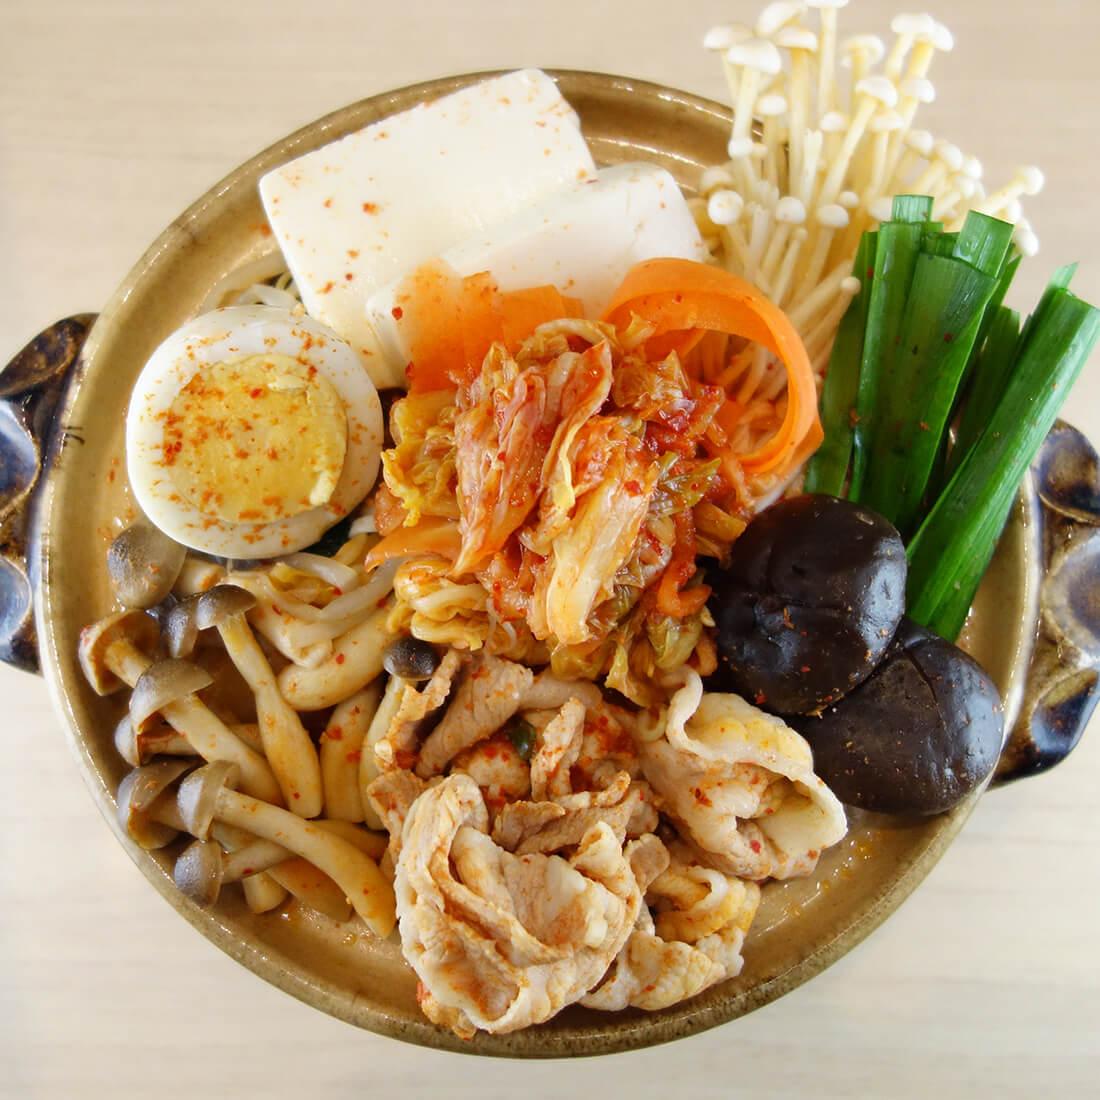 Spicy kimchi nabe